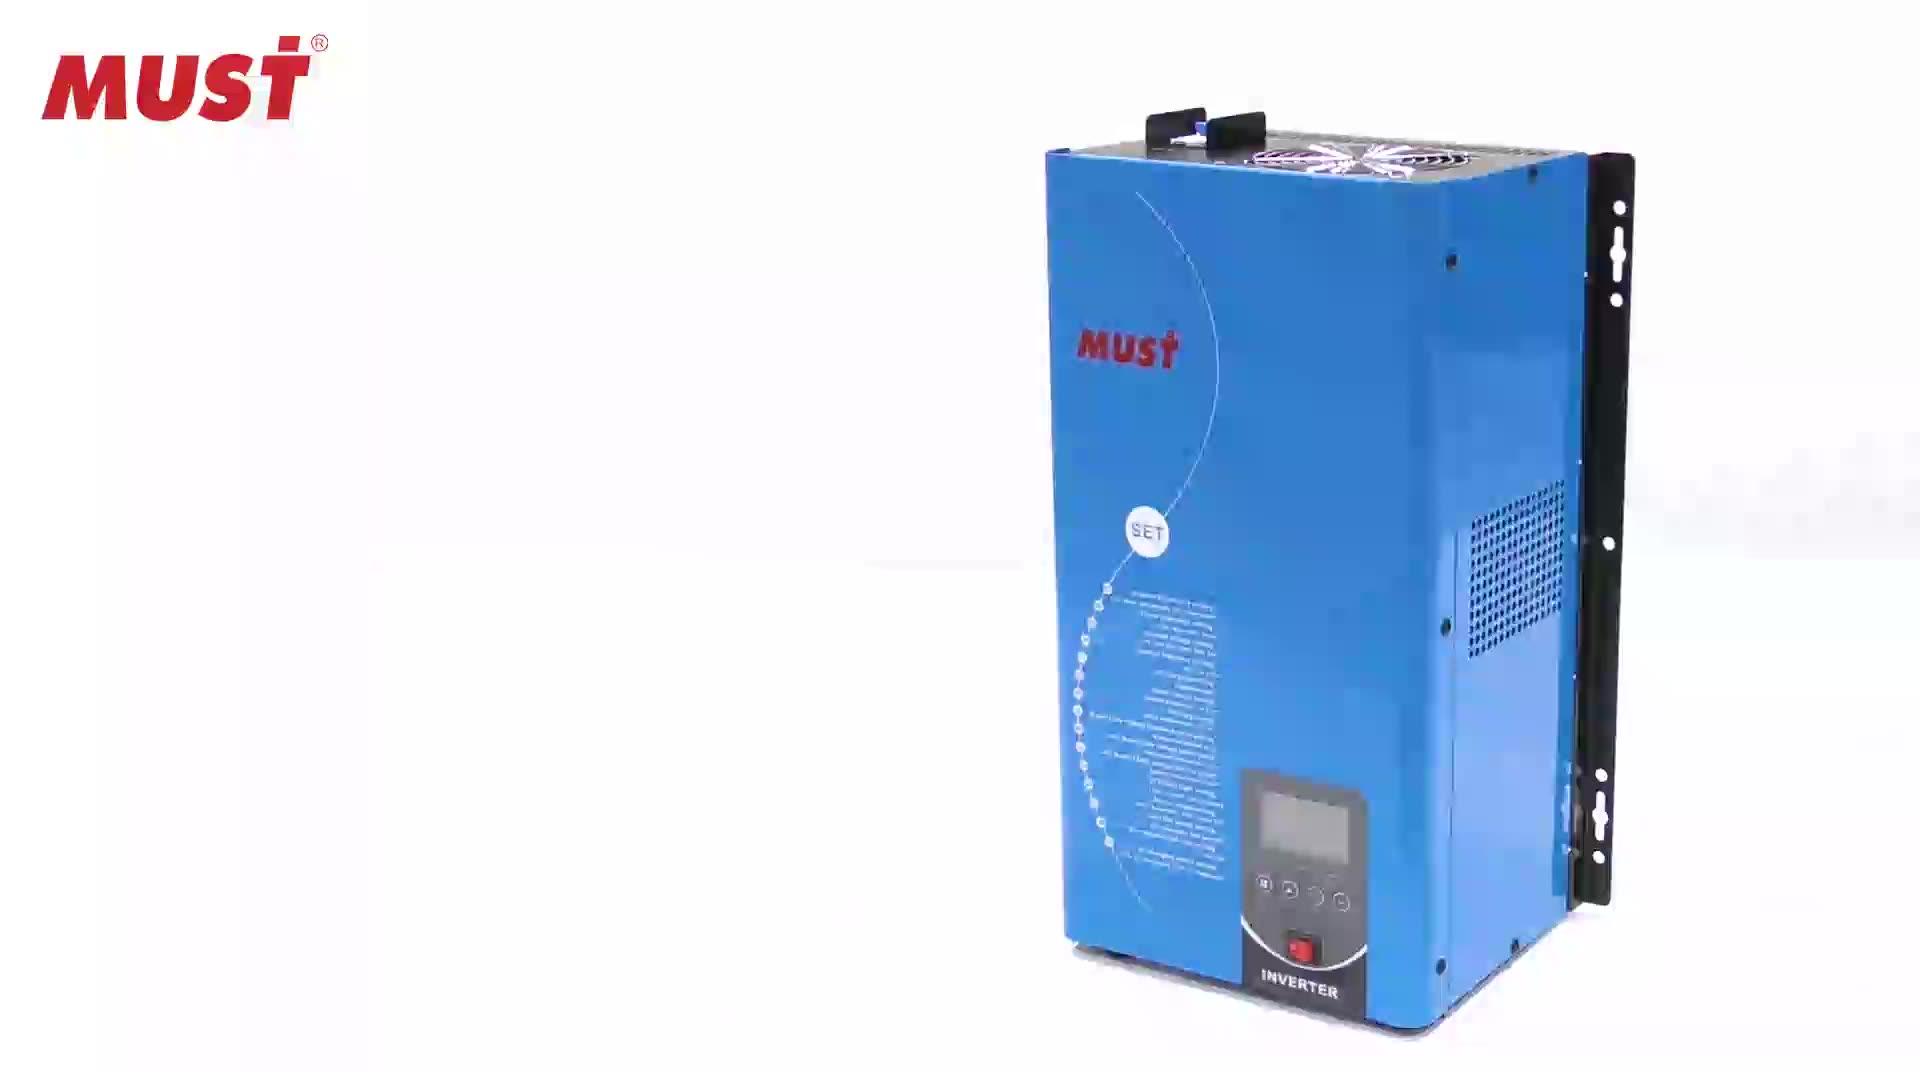 5kw 6kw Inverter Surya 220 V 230 V 240 V untuk Split Phase Rumah Menggunakan Frekuensi Rendah